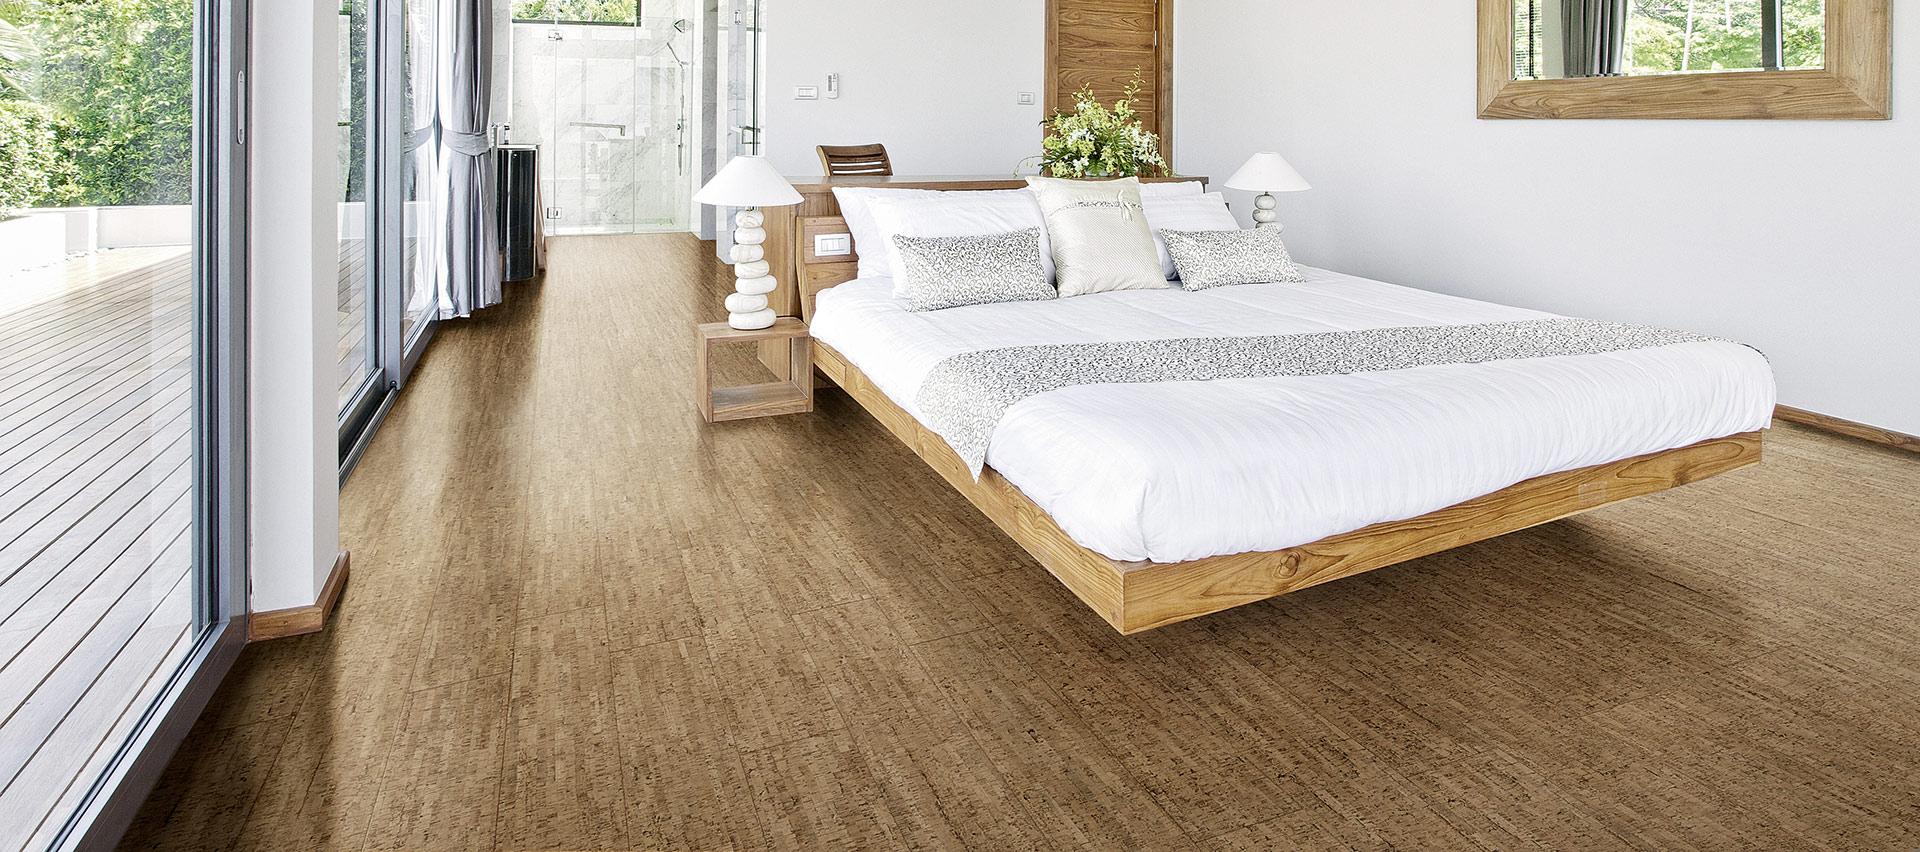 Böden | Große Auswahl Bei Holz-Hauff